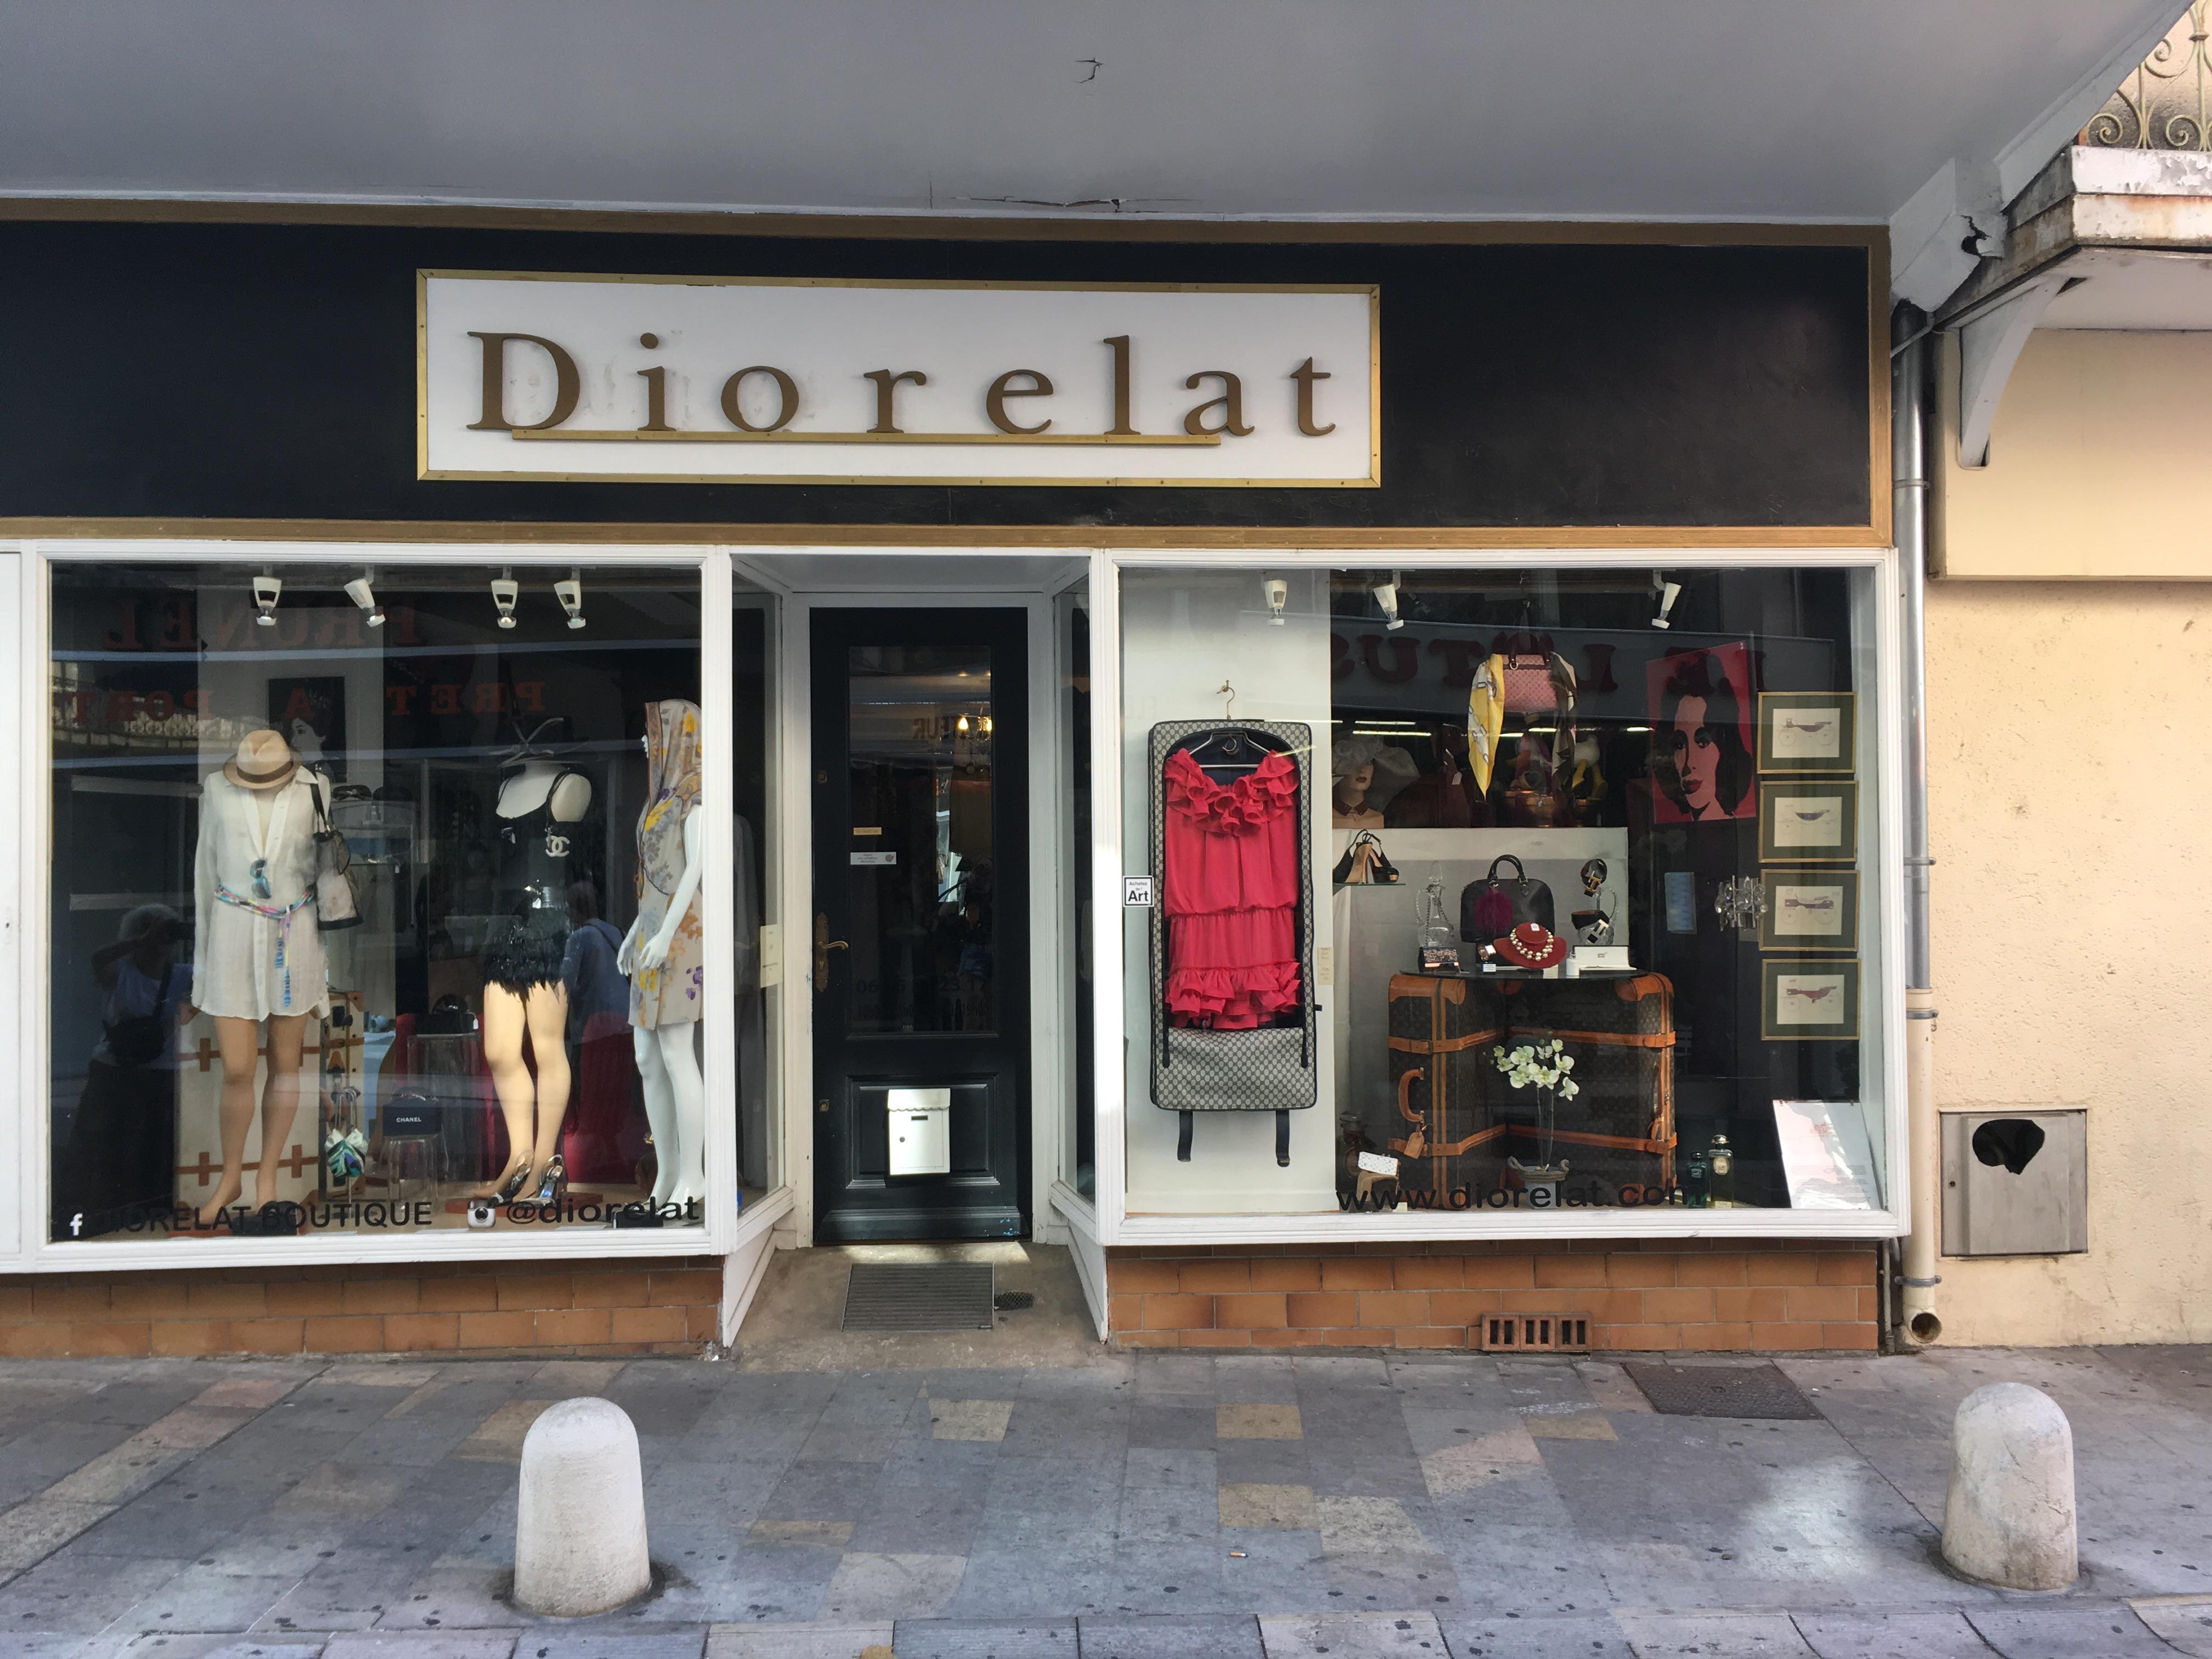 diorelat